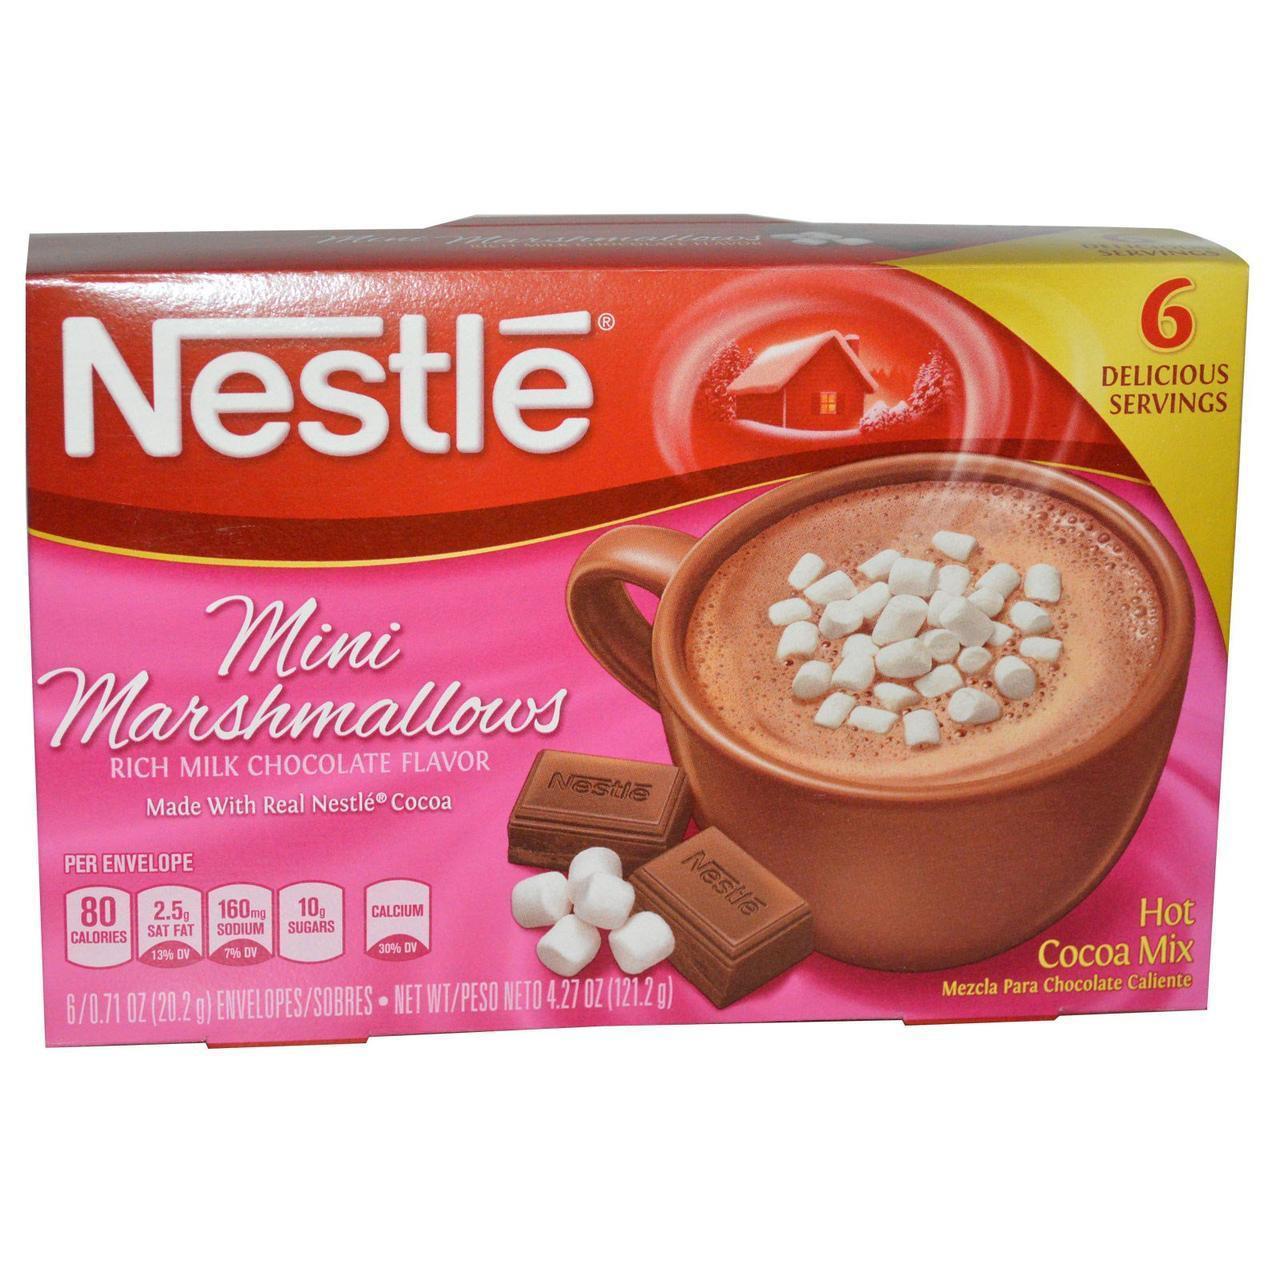 Смесь для приготовления горячего какао  с зефиром маршмелоу 6 пакетиков, (20,2 г) Nestle